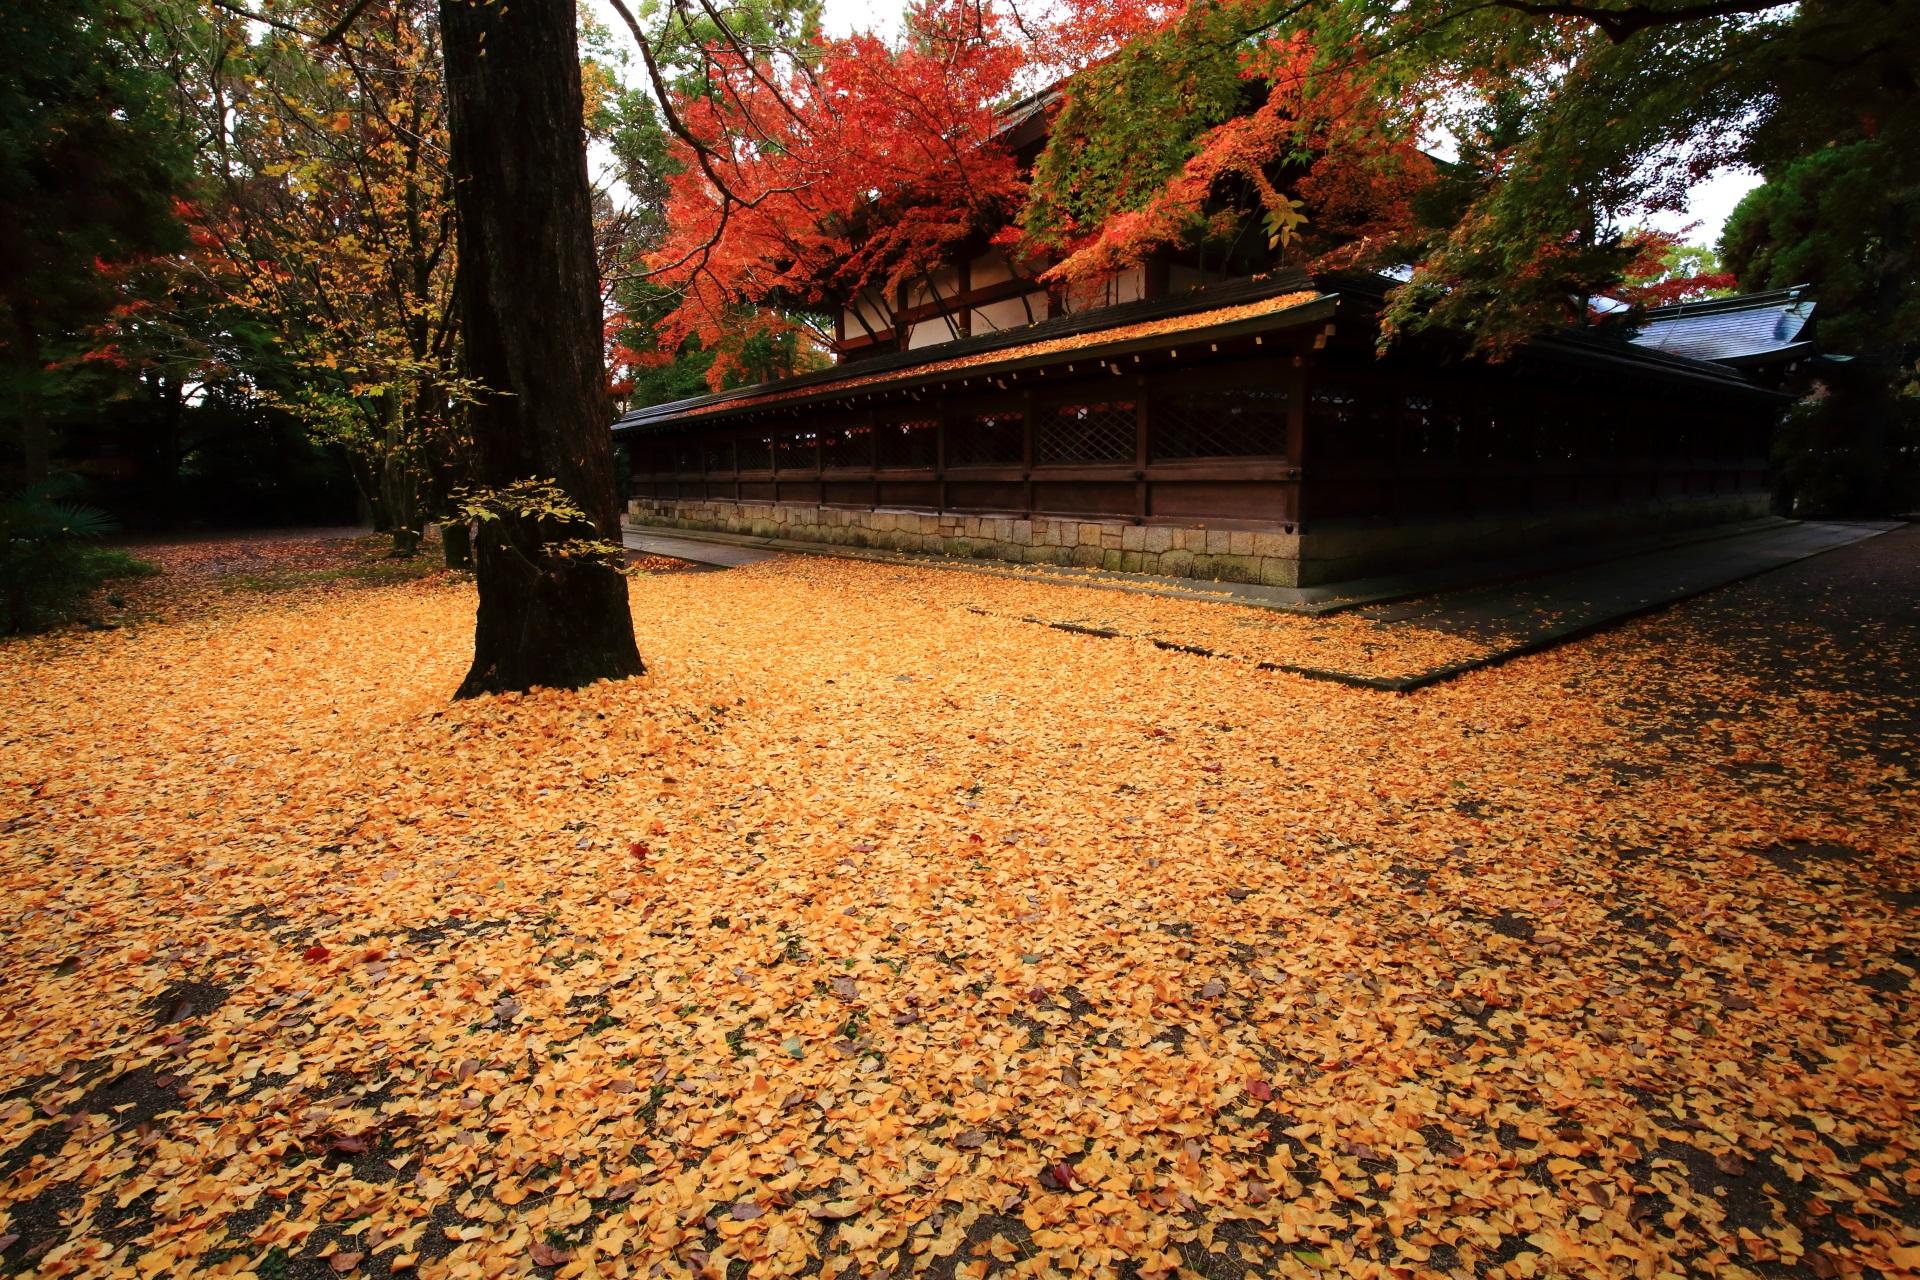 上御霊神社の素晴らしい散り銀杏や紅葉と秋の情景